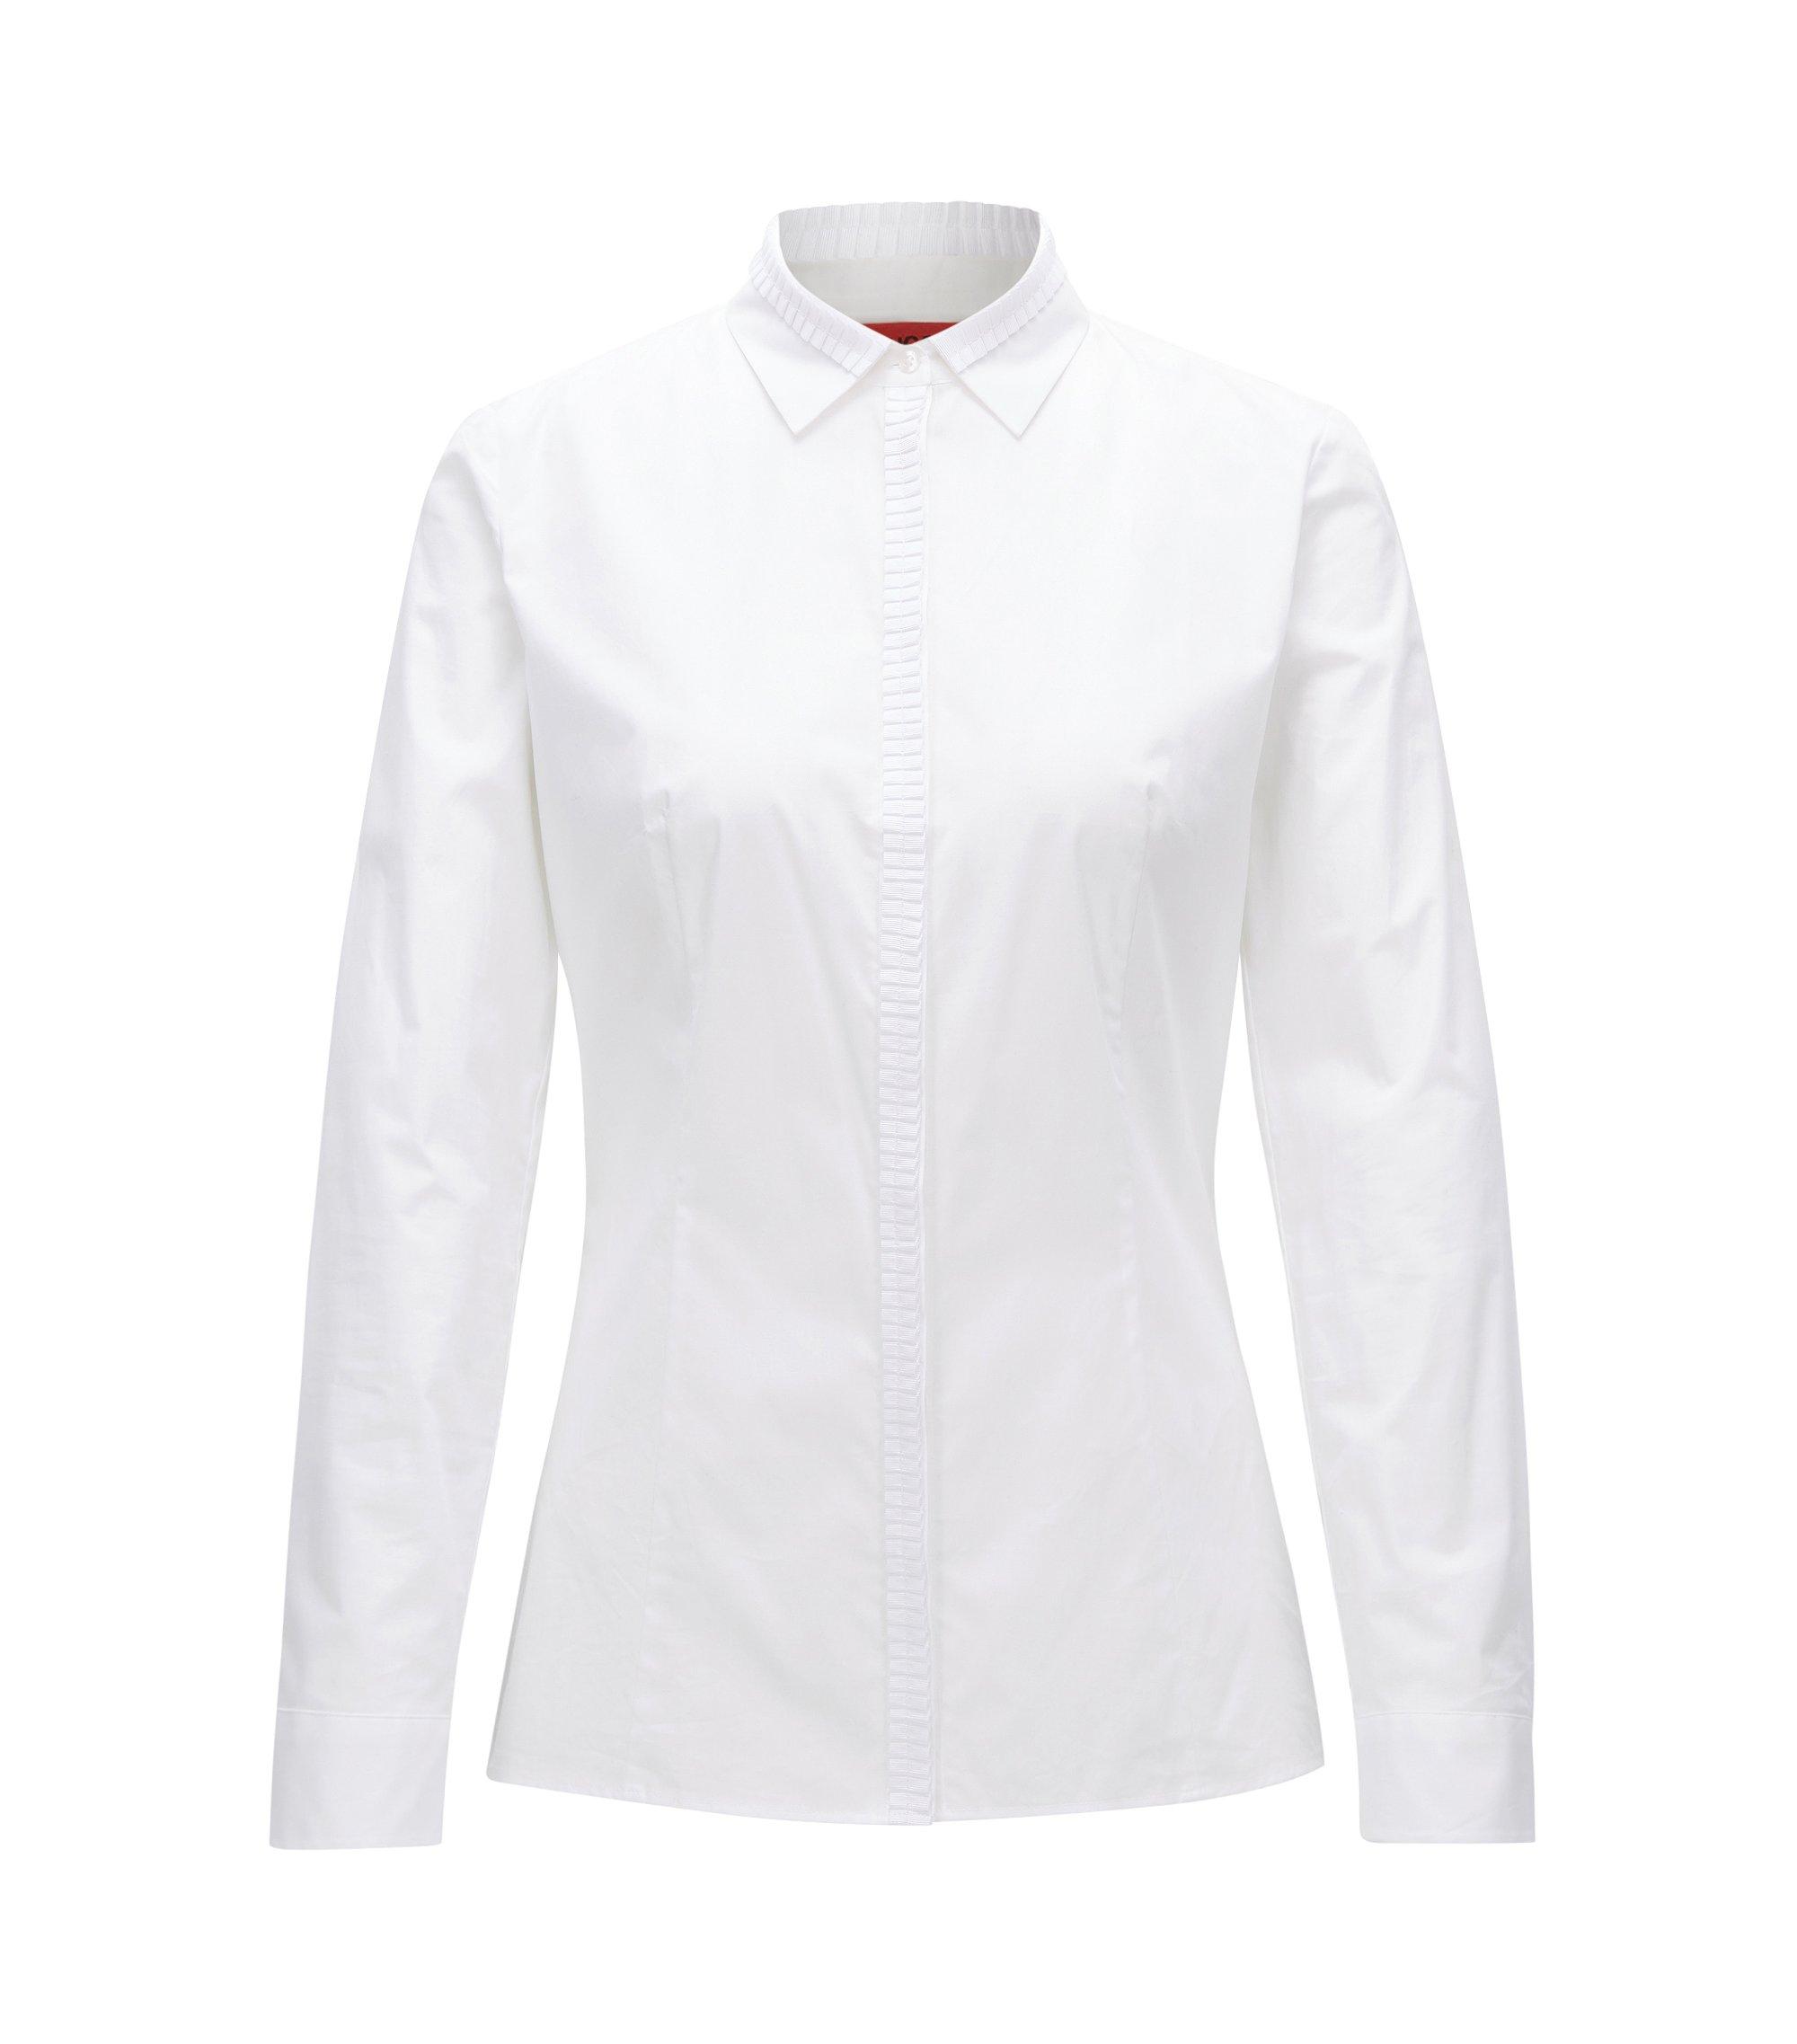 Slim-Fit Bluse aus elastischer Baumwoll-Popeline, Weiß